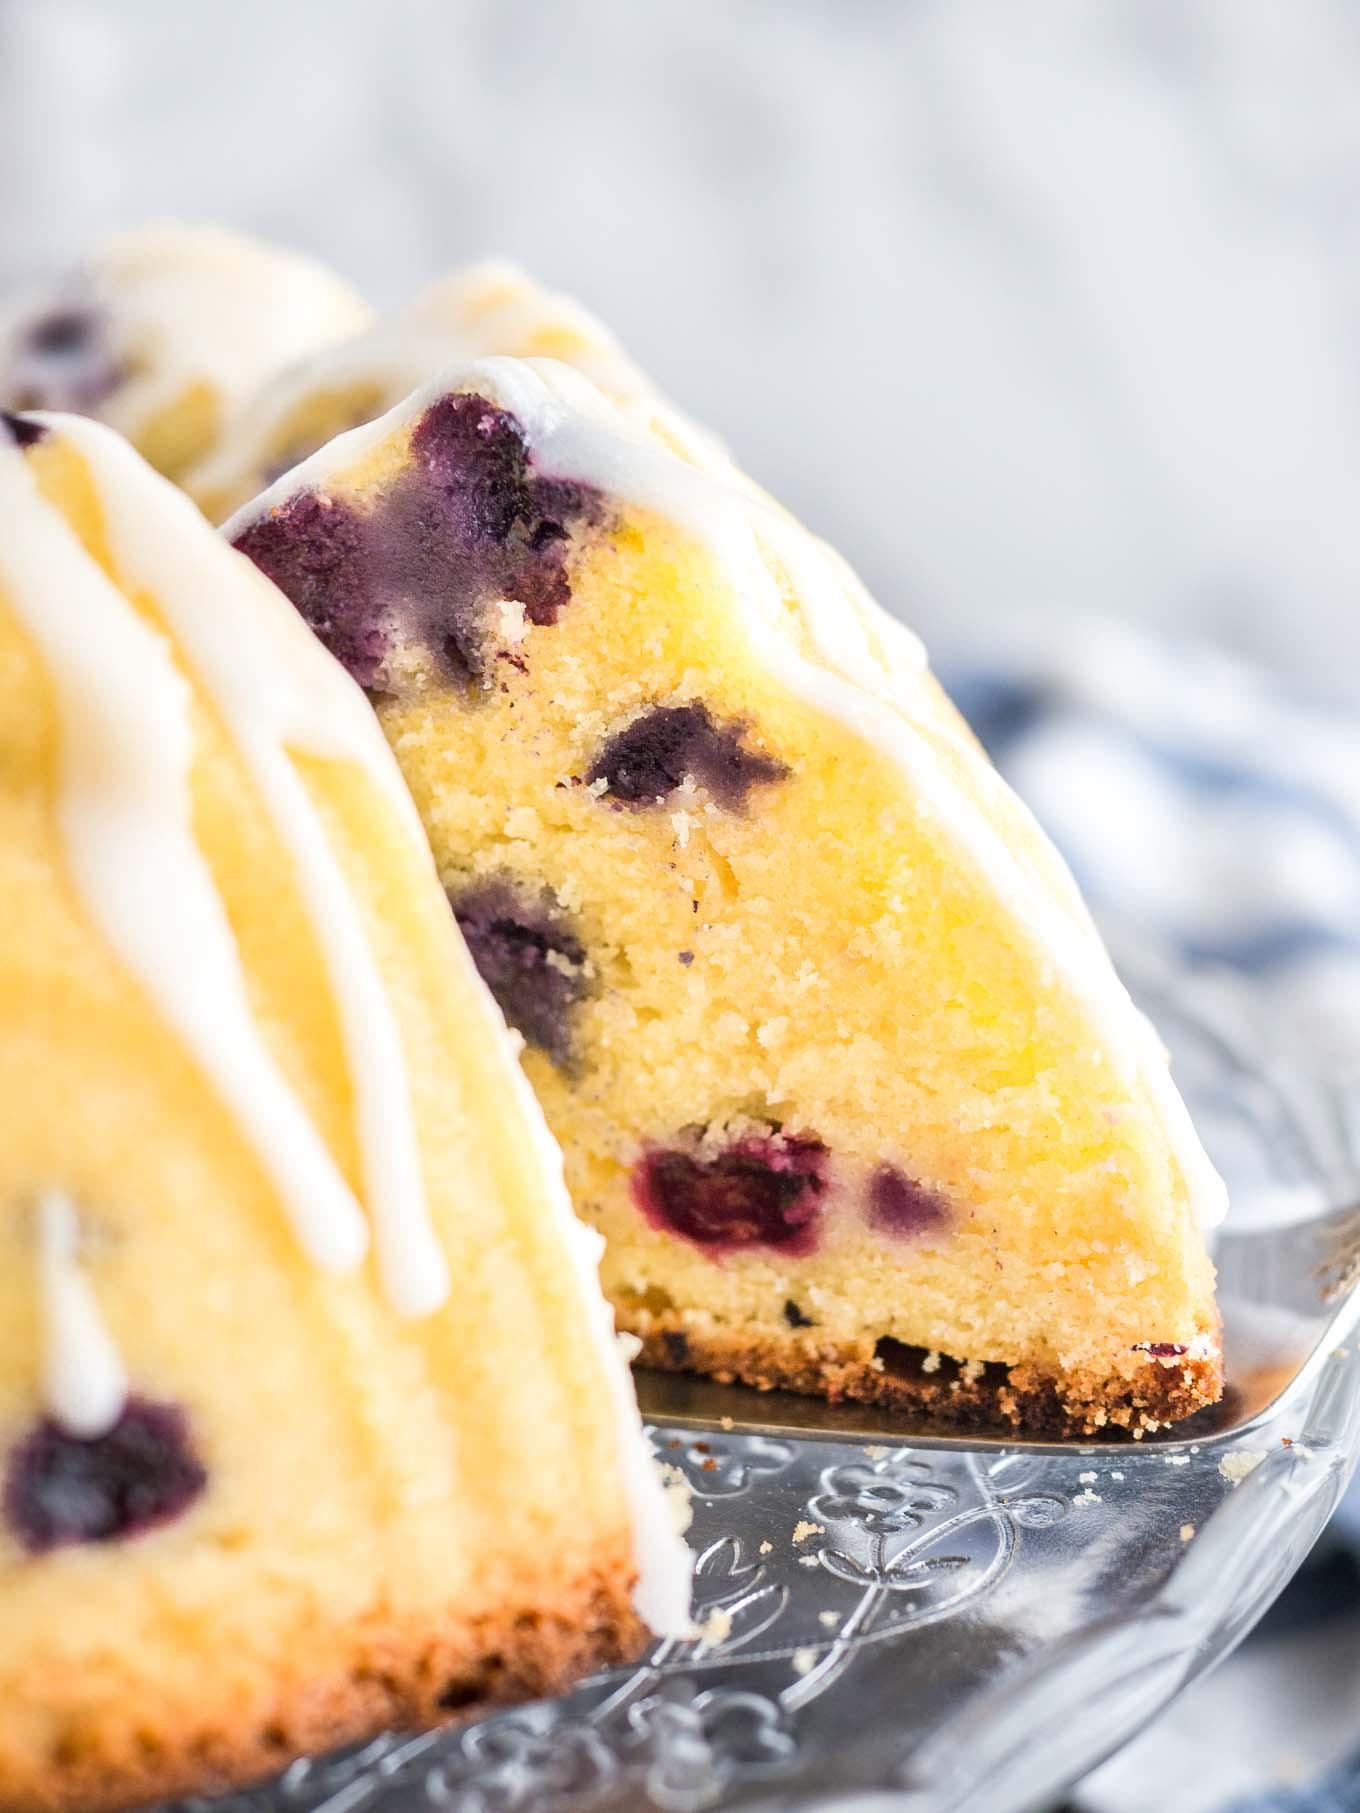 Lemon Blueberry Bundt Cake  Lemon Blueberry Bundt Cake